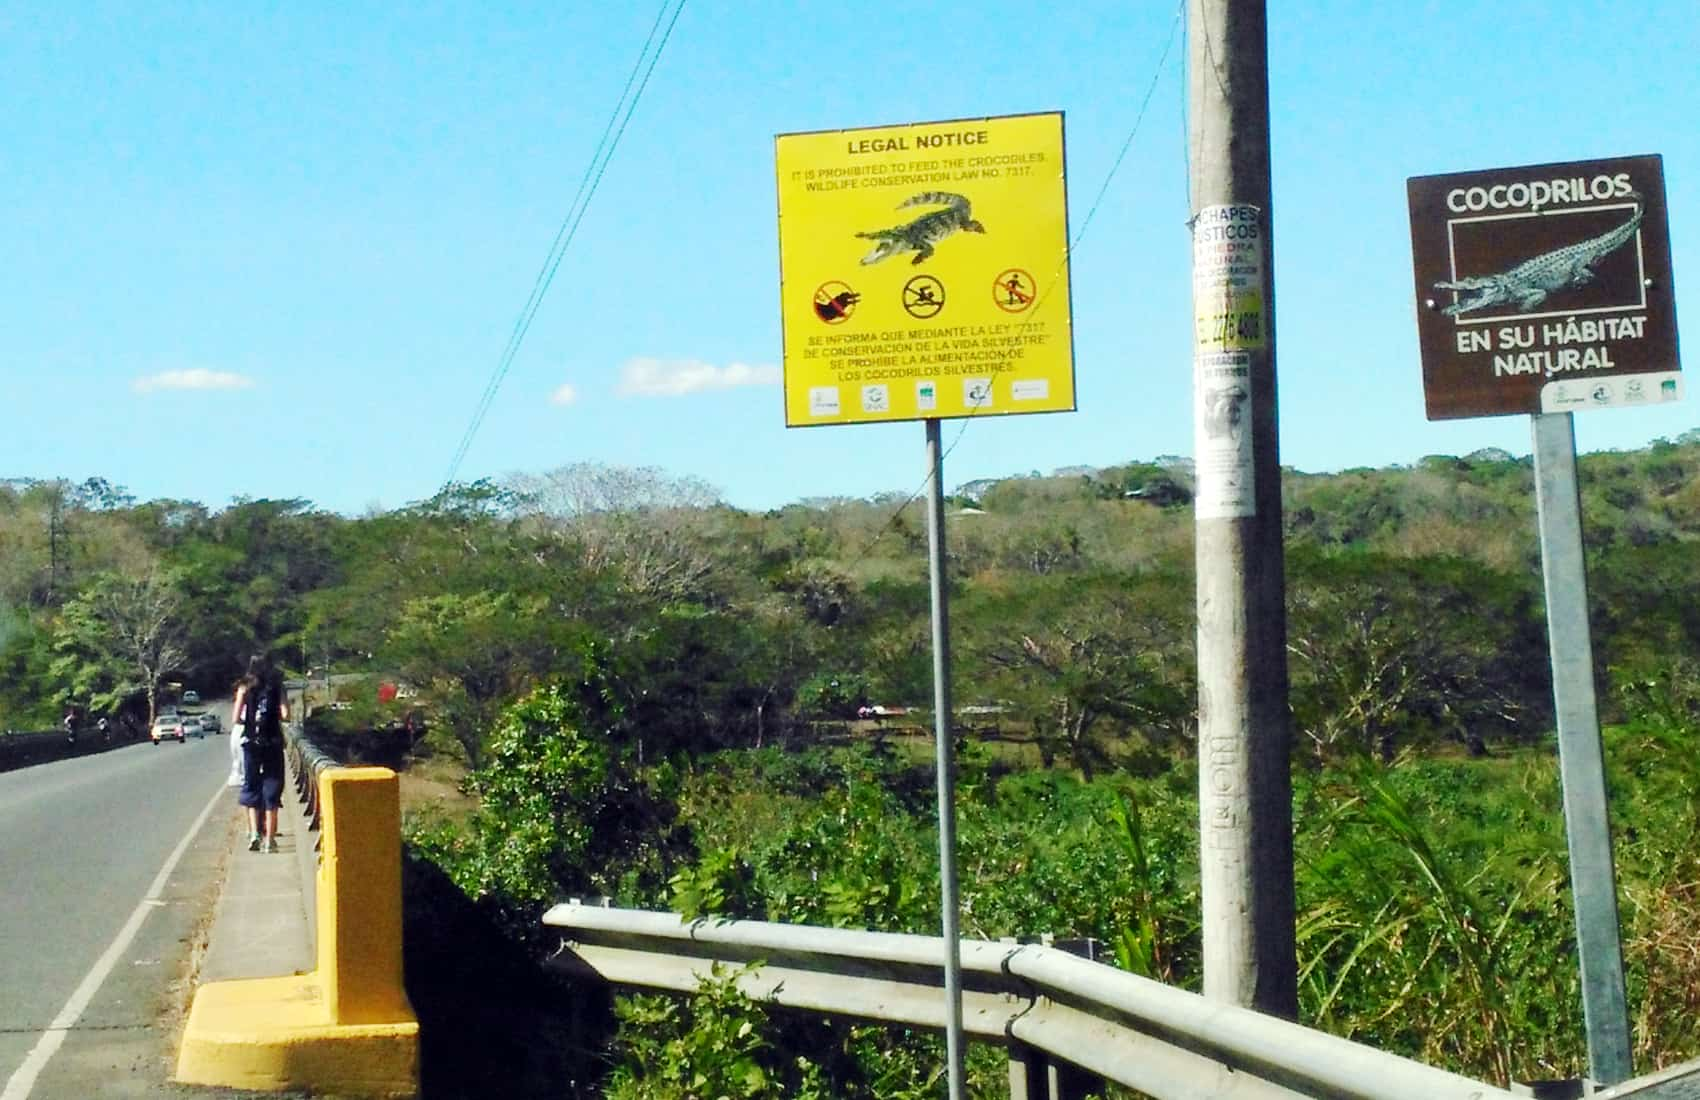 Crocodile warning signs at Tárcoles river, Puntarenas